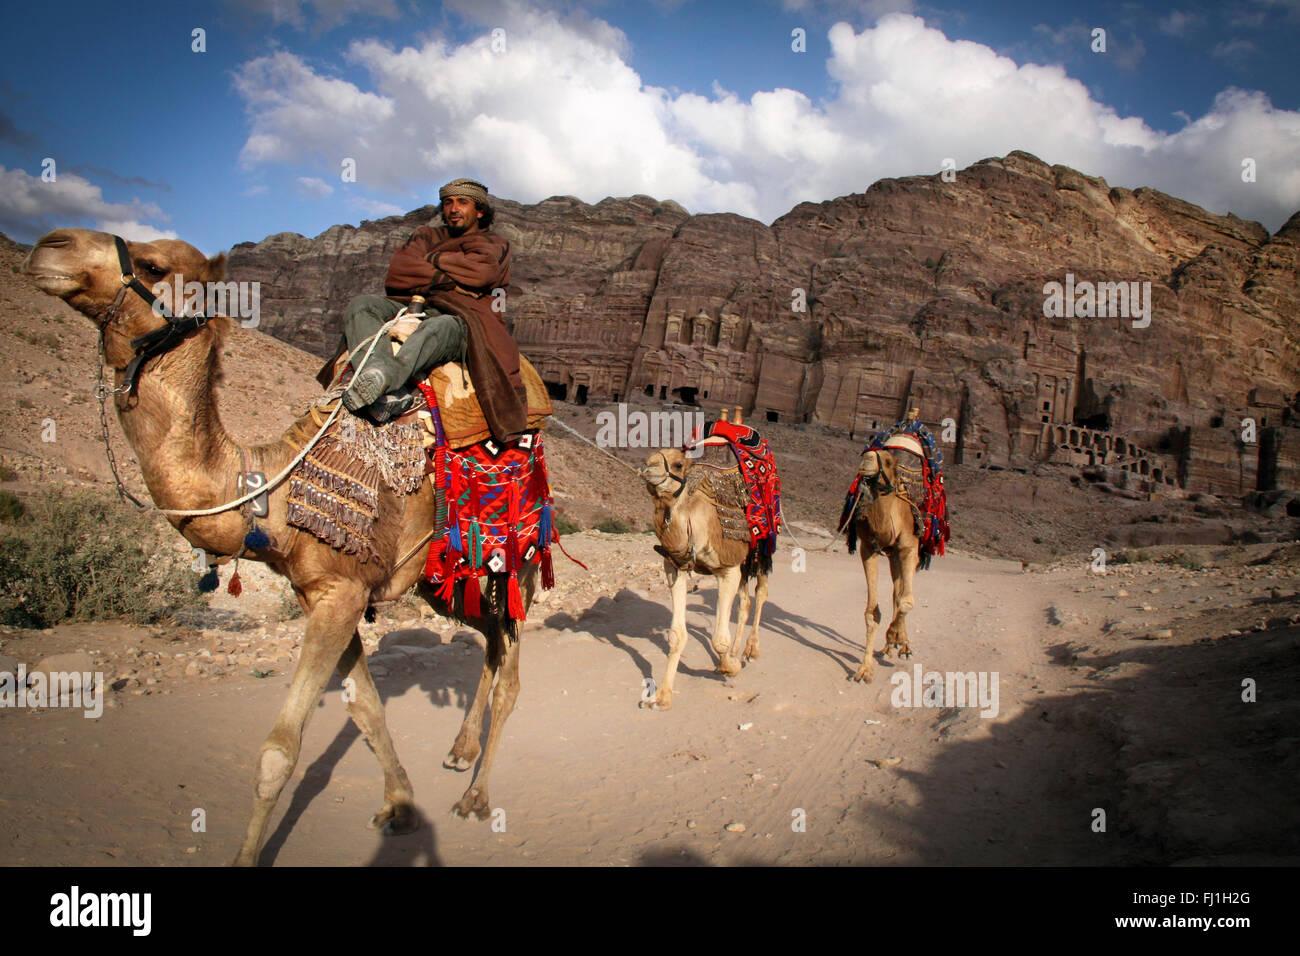 Petra, Giordania - paesaggio e persone beduin Immagini Stock